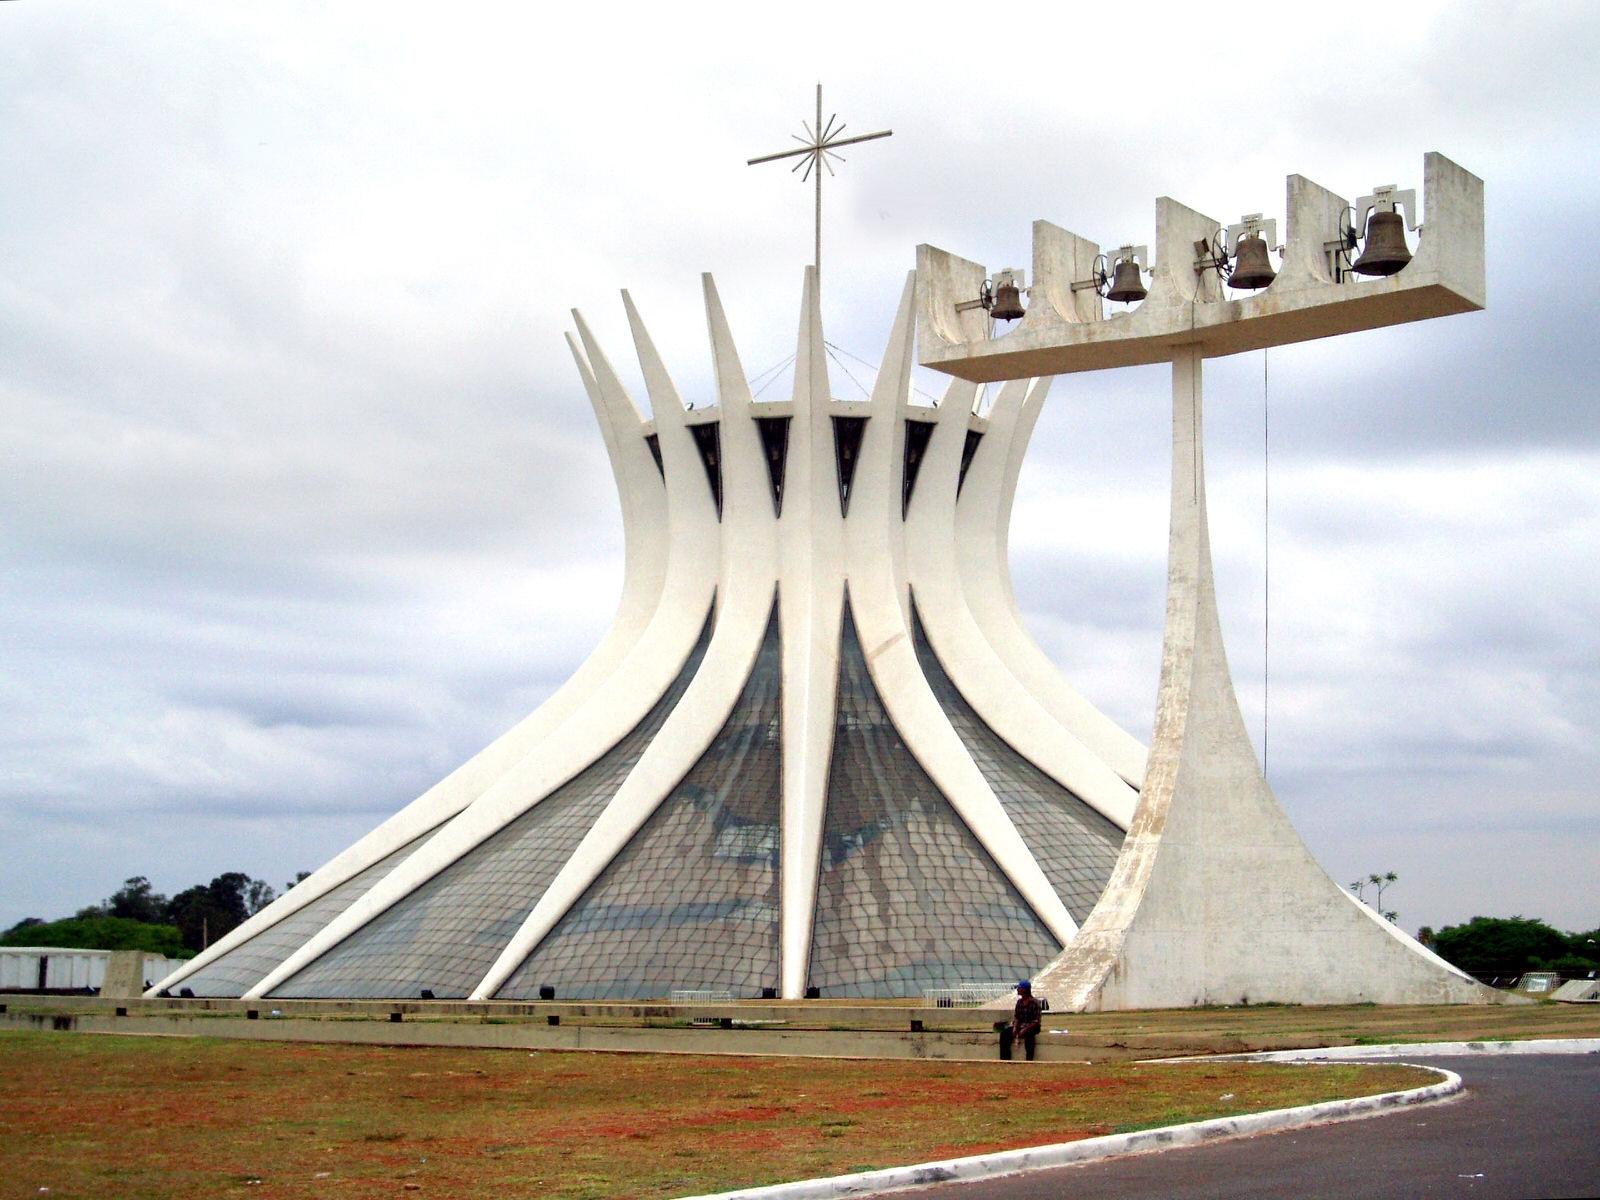 04 OscarNiemeyer Catedral de Brasilia 1600x1200 c